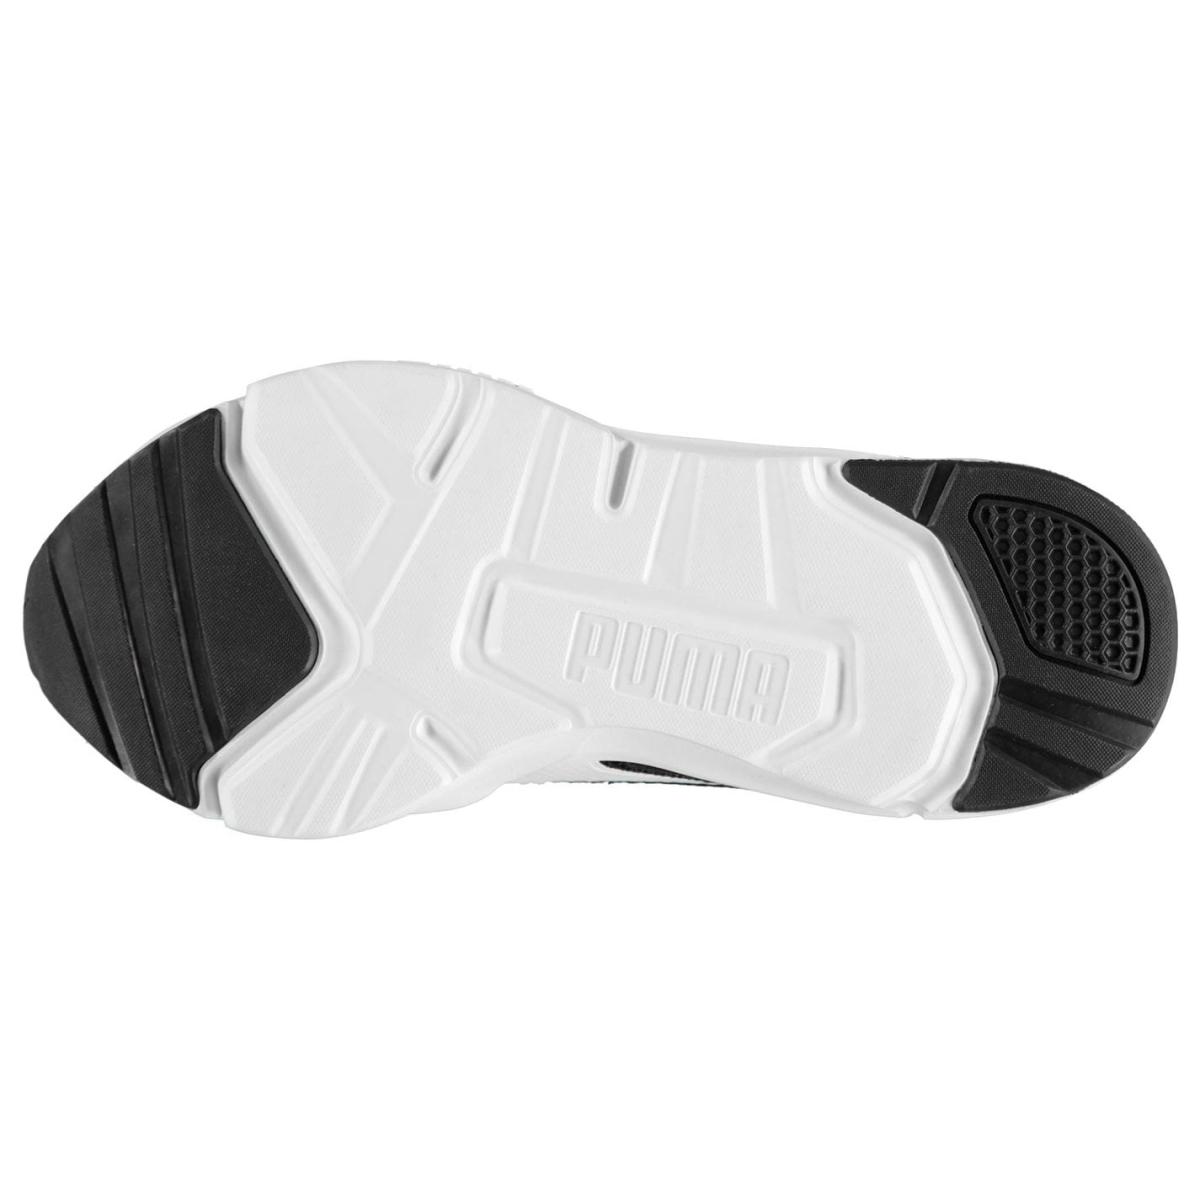 Puma-Cell-Phase-Turnschuhe-Damen-Sneaker-Sportschuhe-Laufschuhe-1018 Indexbild 3